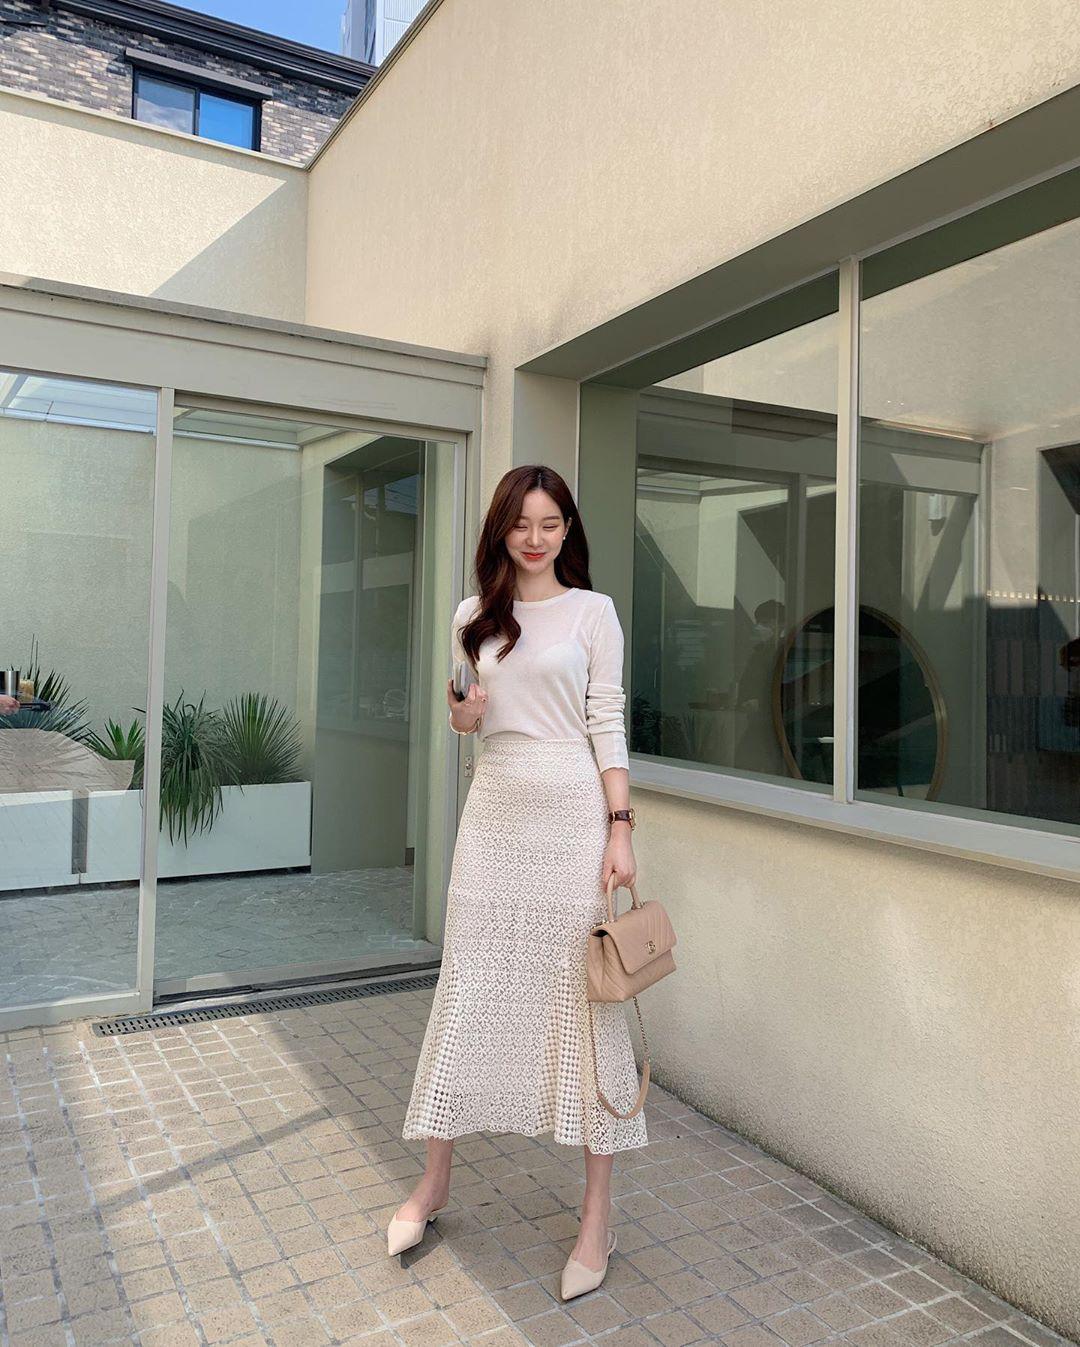 10 cách diện chân váy dài + áo trắng giúp nàng công sở luôn đẹp quanh năm suốt tháng trong mắt đồng nghiệp - Ảnh 10.